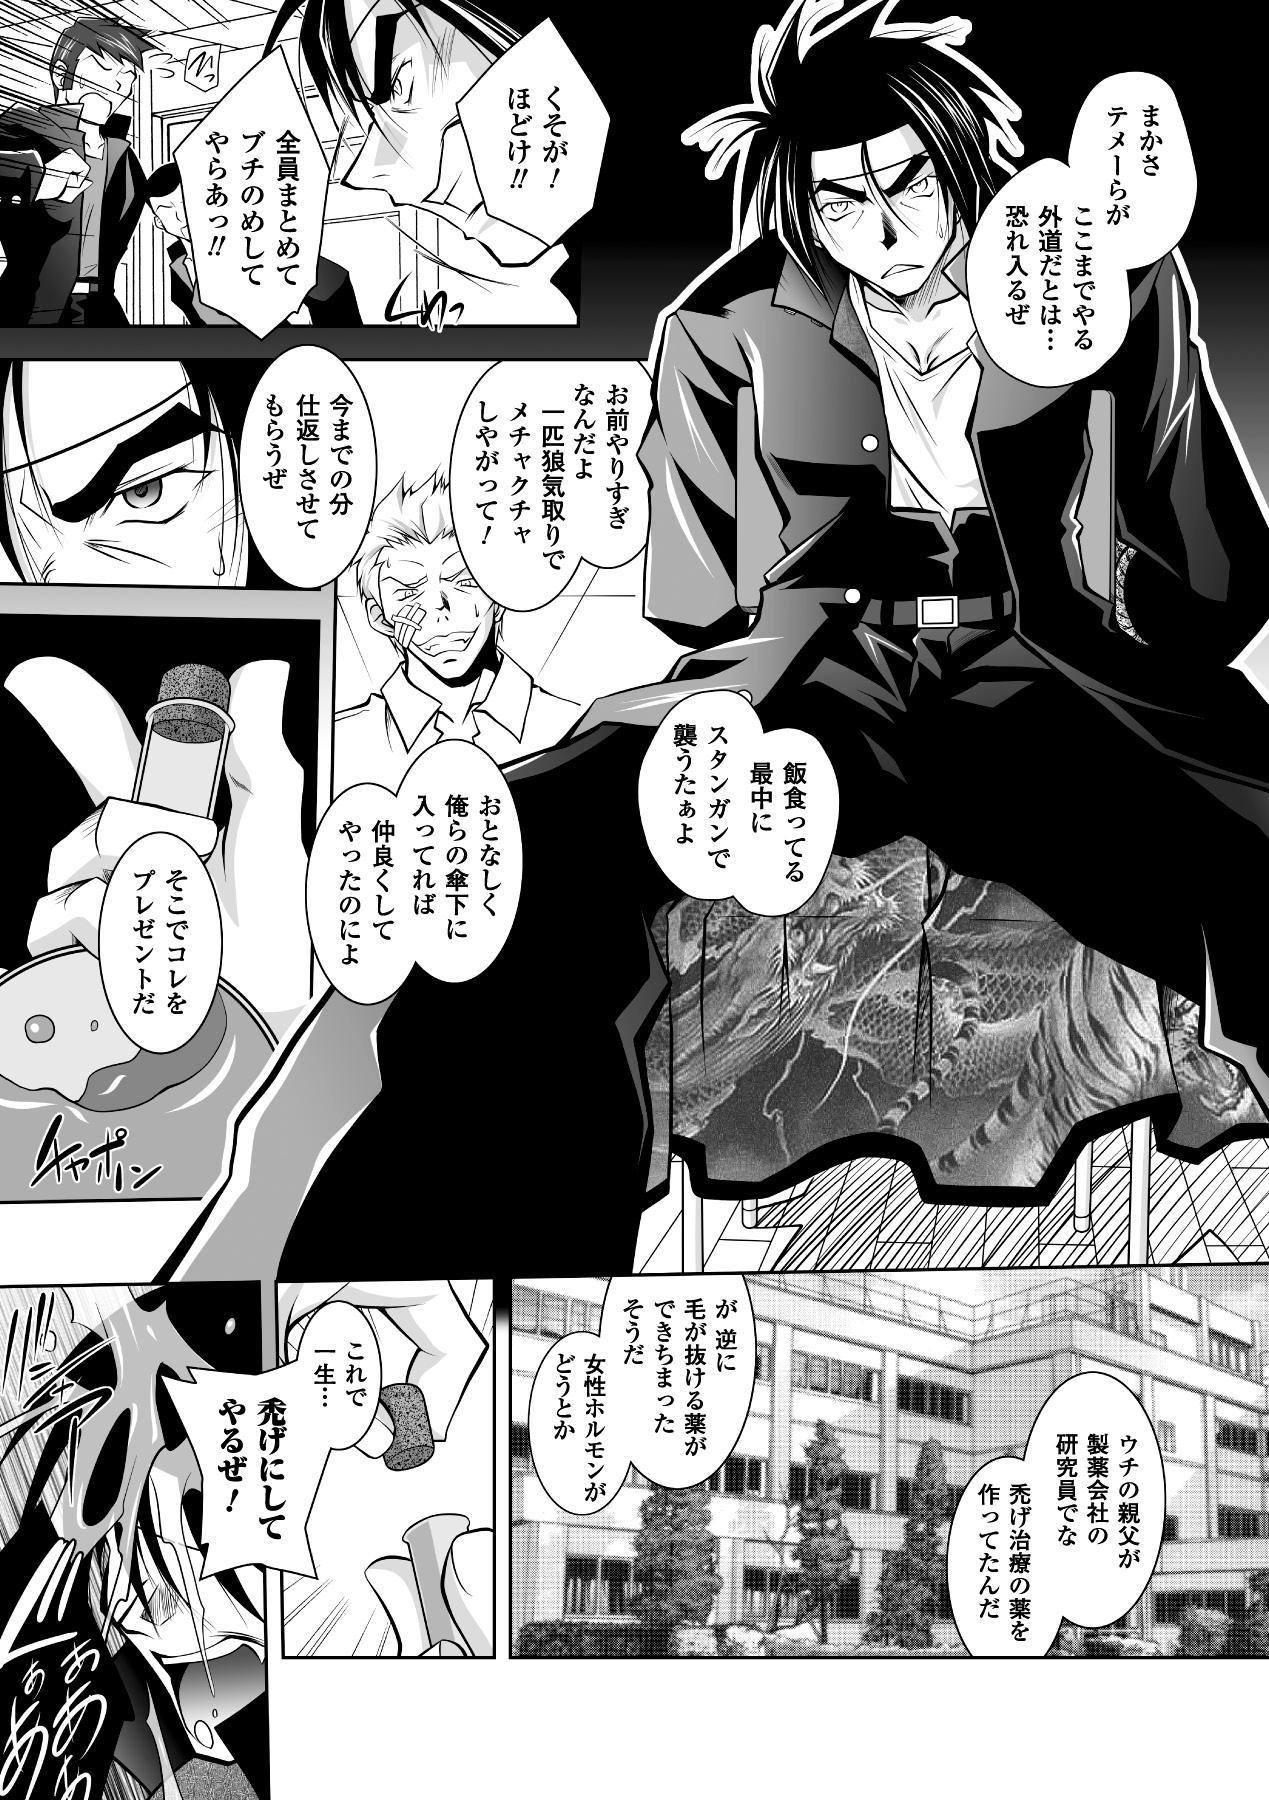 [Parfait] Mesu Inu no Tooboe ~Injyoku Elegy~ - The Howling Of A Bitch [Digital] 86